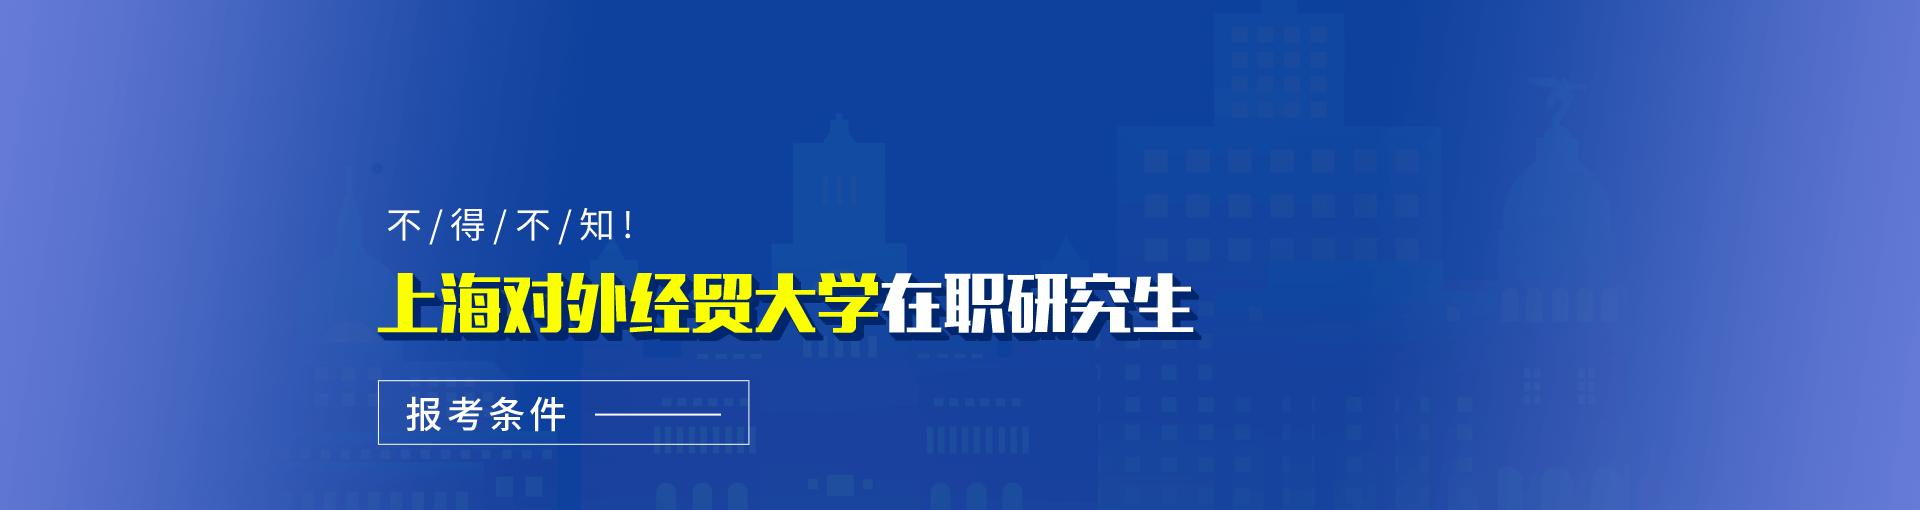 报考上海对外经贸大学在职研究生需要具备哪些条件?